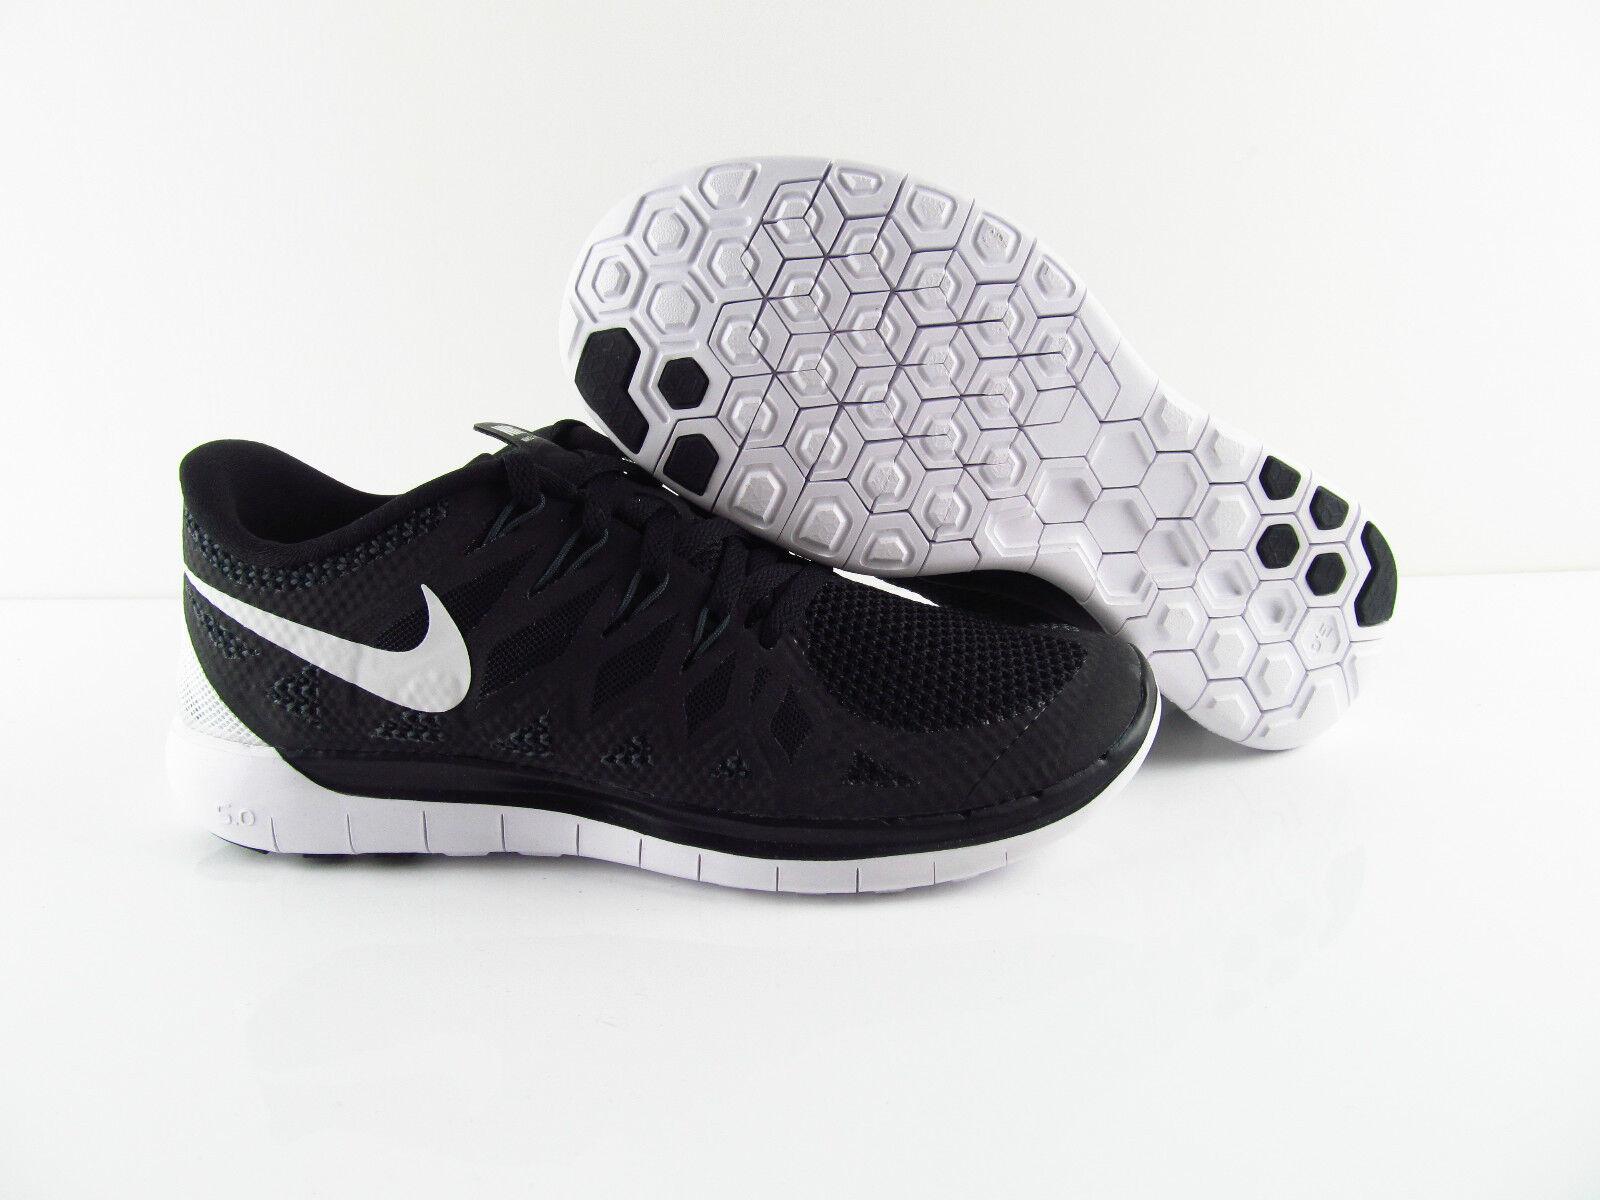 Nike Free 5.0 Damen Schwarz Grau Running Bearfoot US_6.5 7 EUR_37.5 38